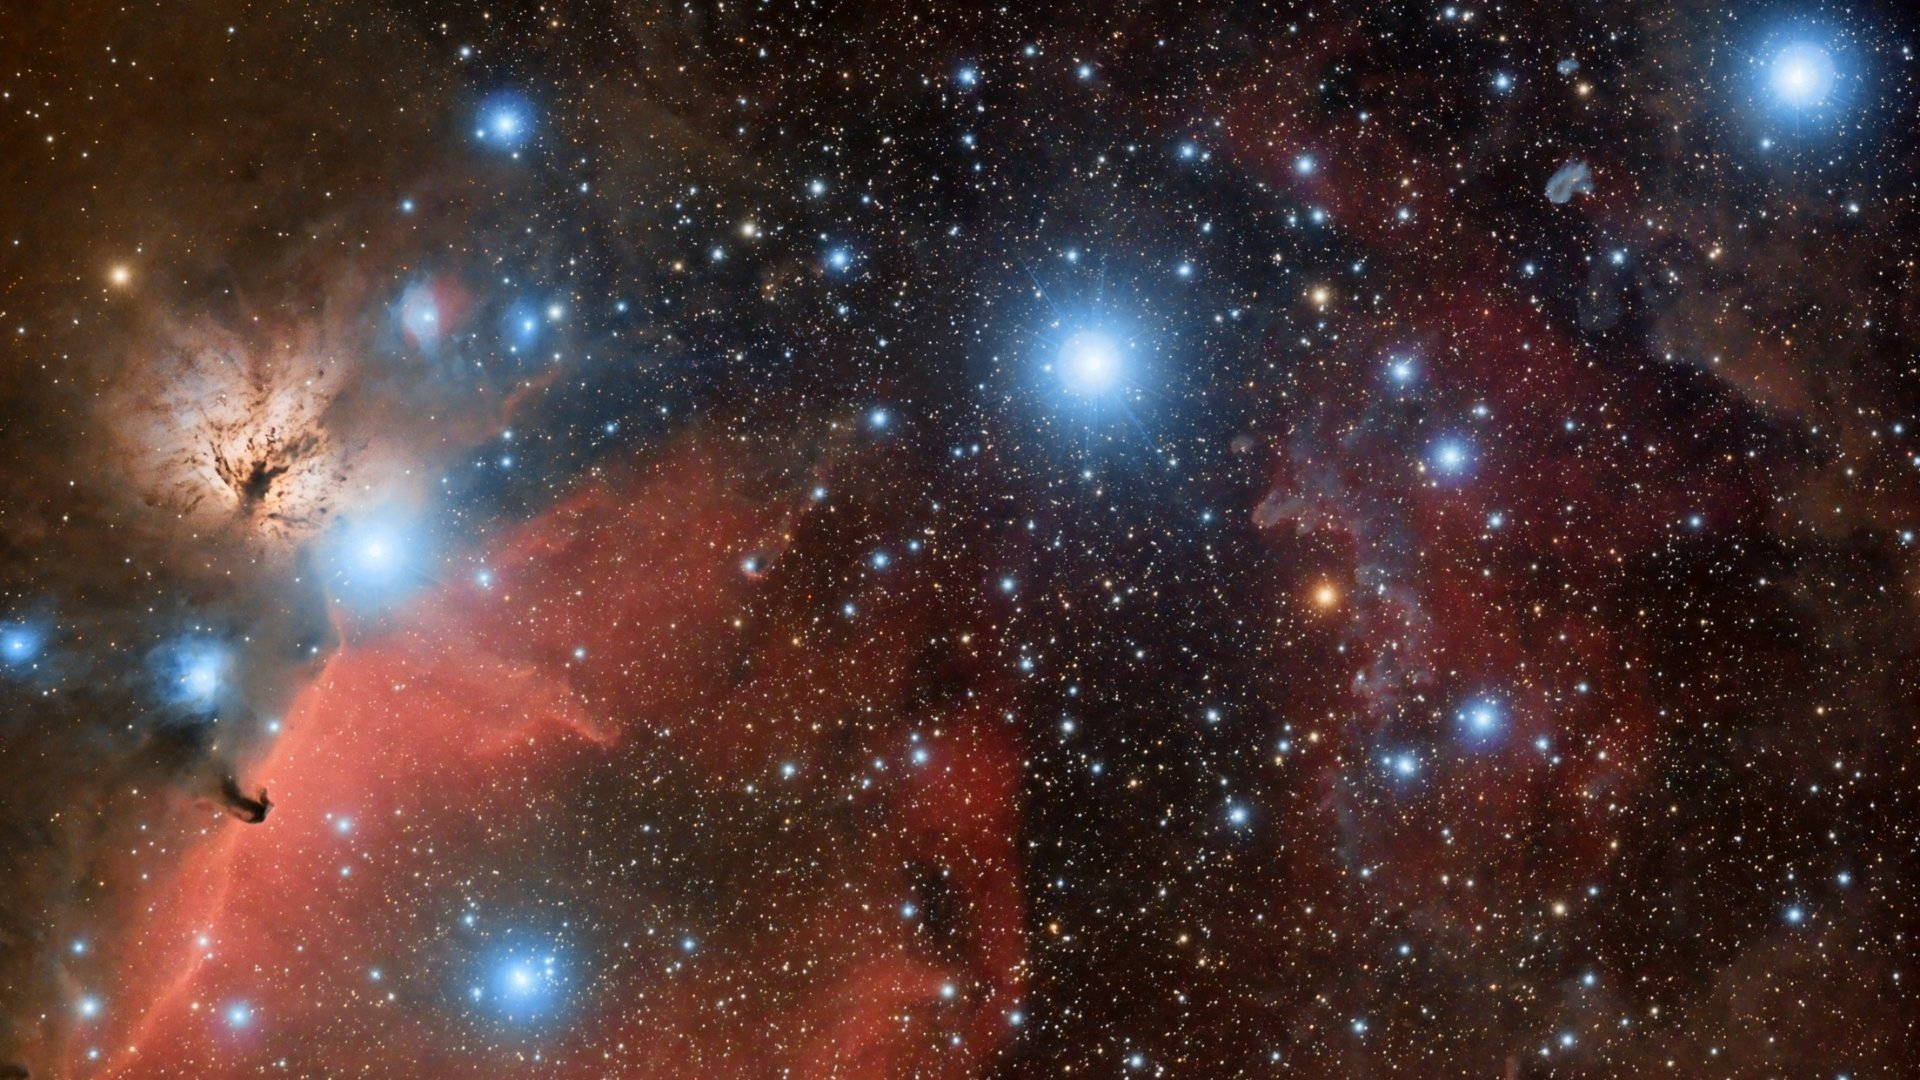 NASA Wallpaper Hubble - WallpaperSafari